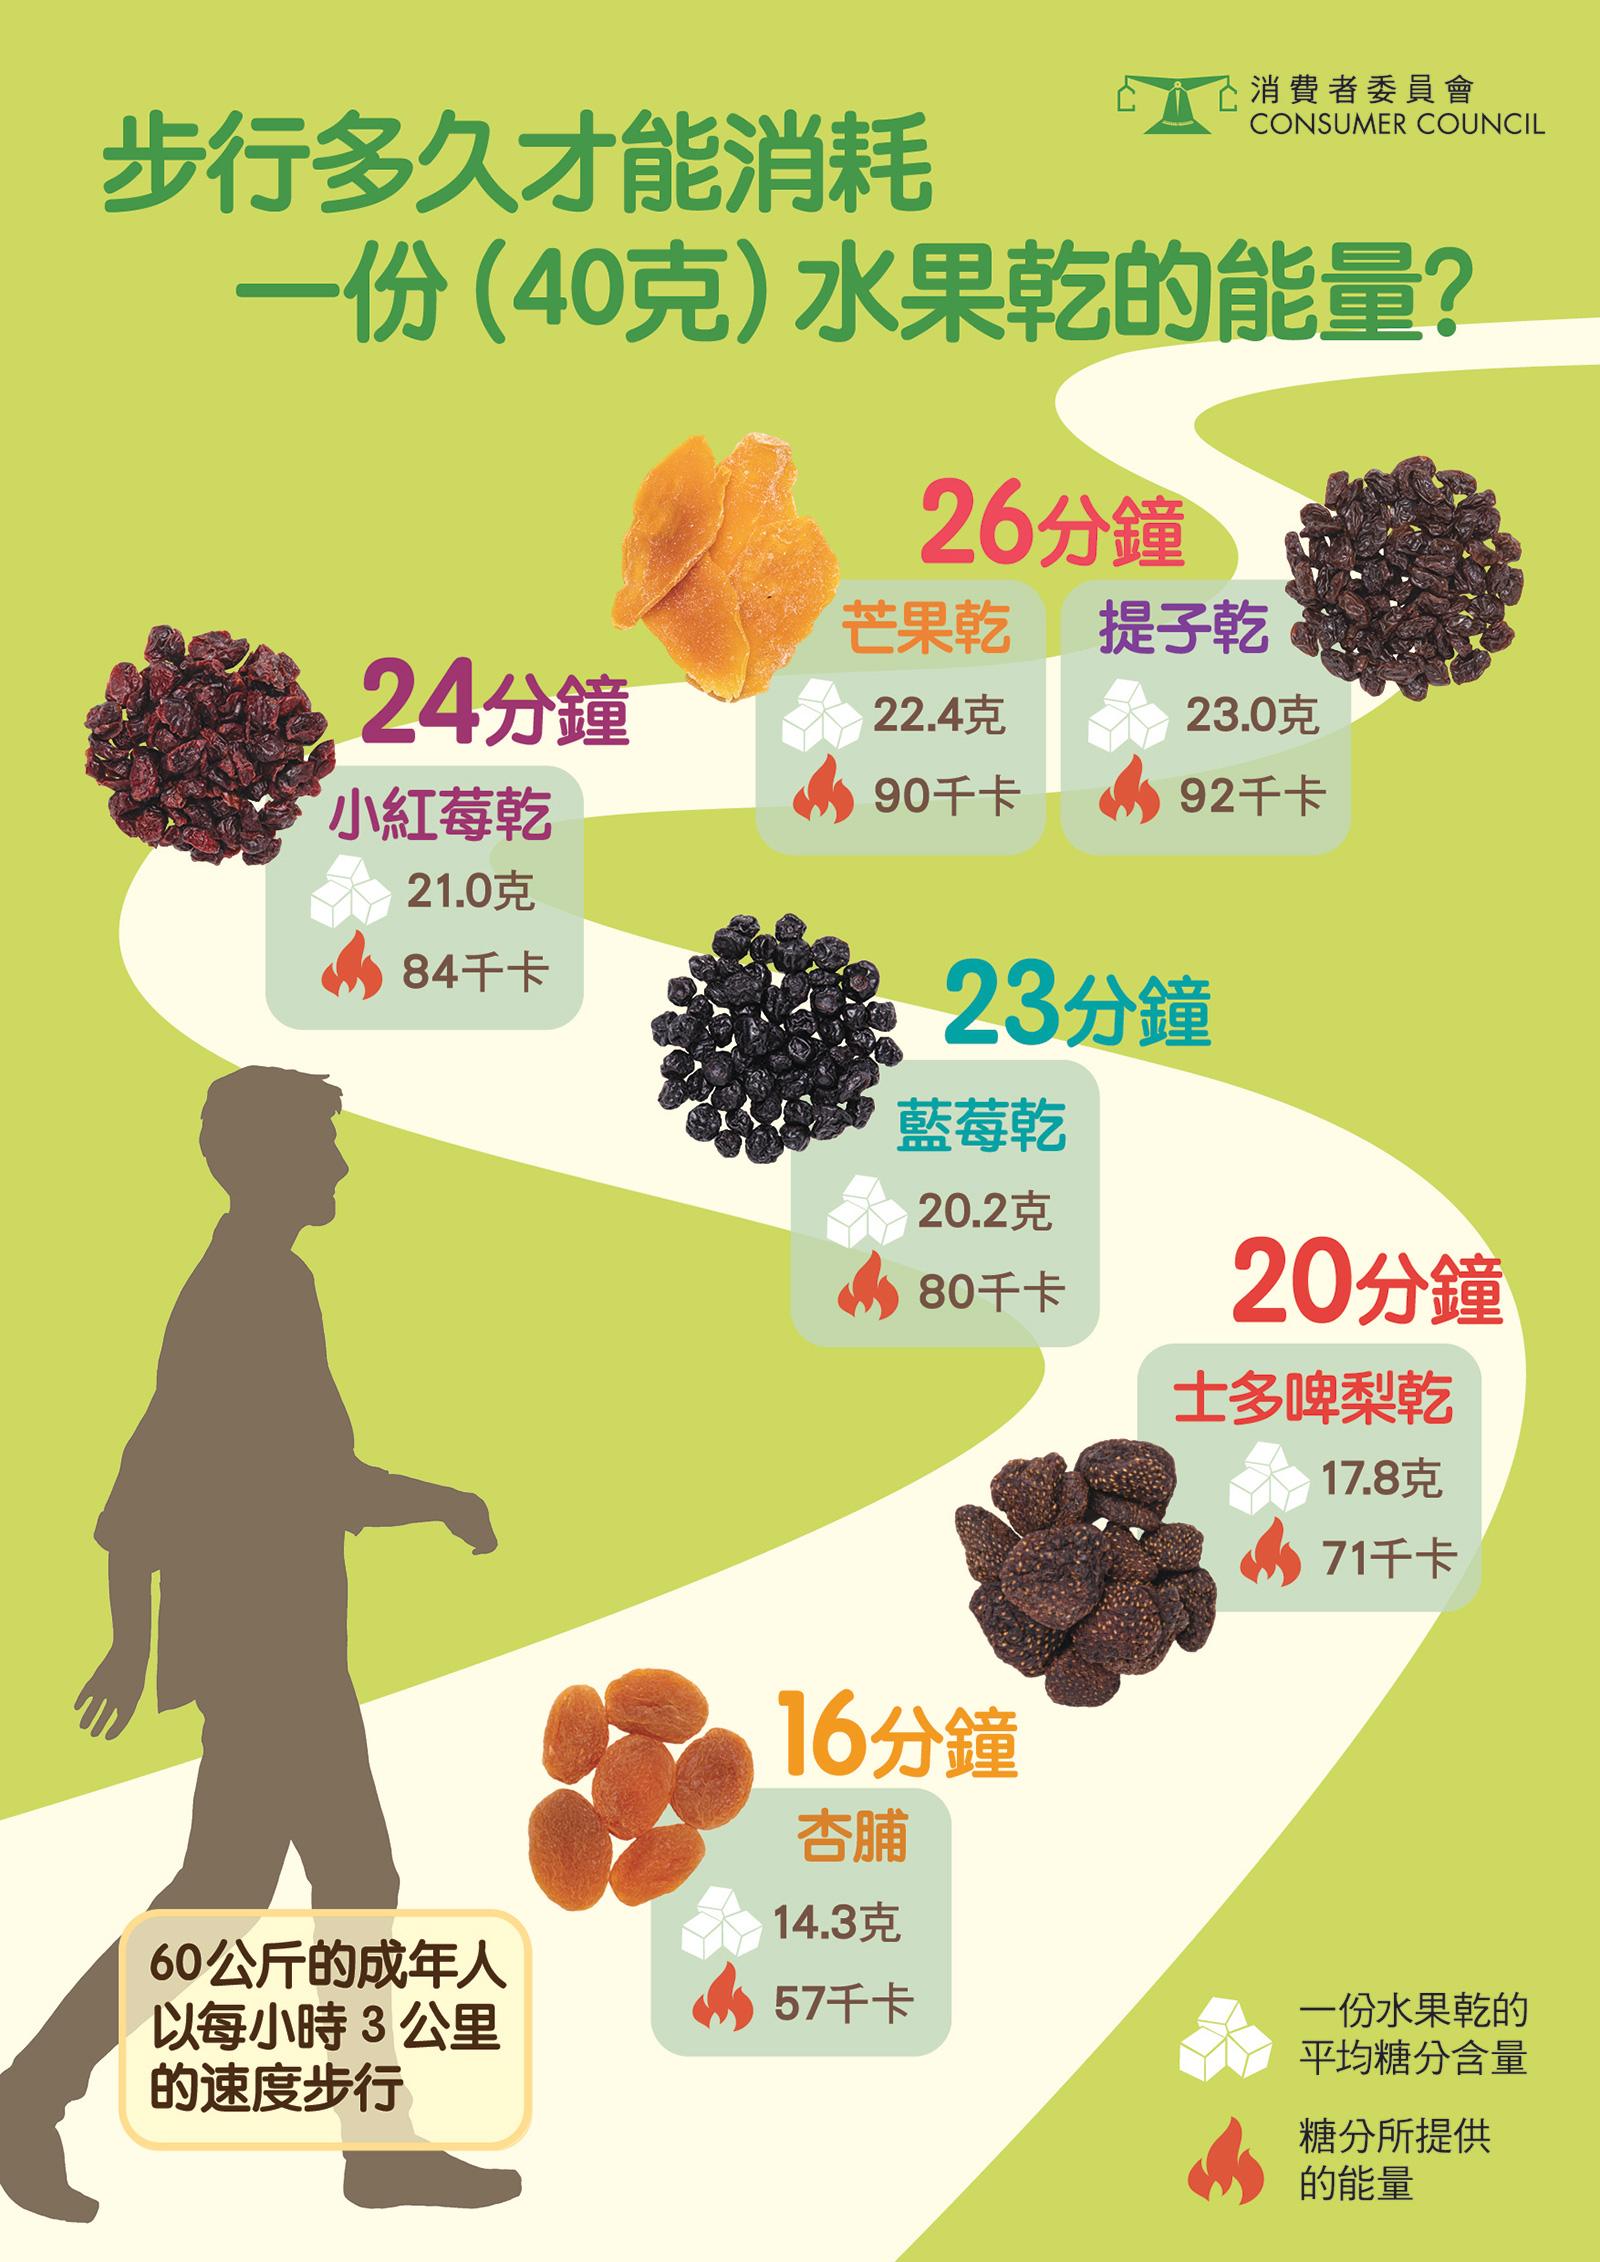 【慎選零食】兒童小食提子乾偽健康 參考6款獲評5星果乾